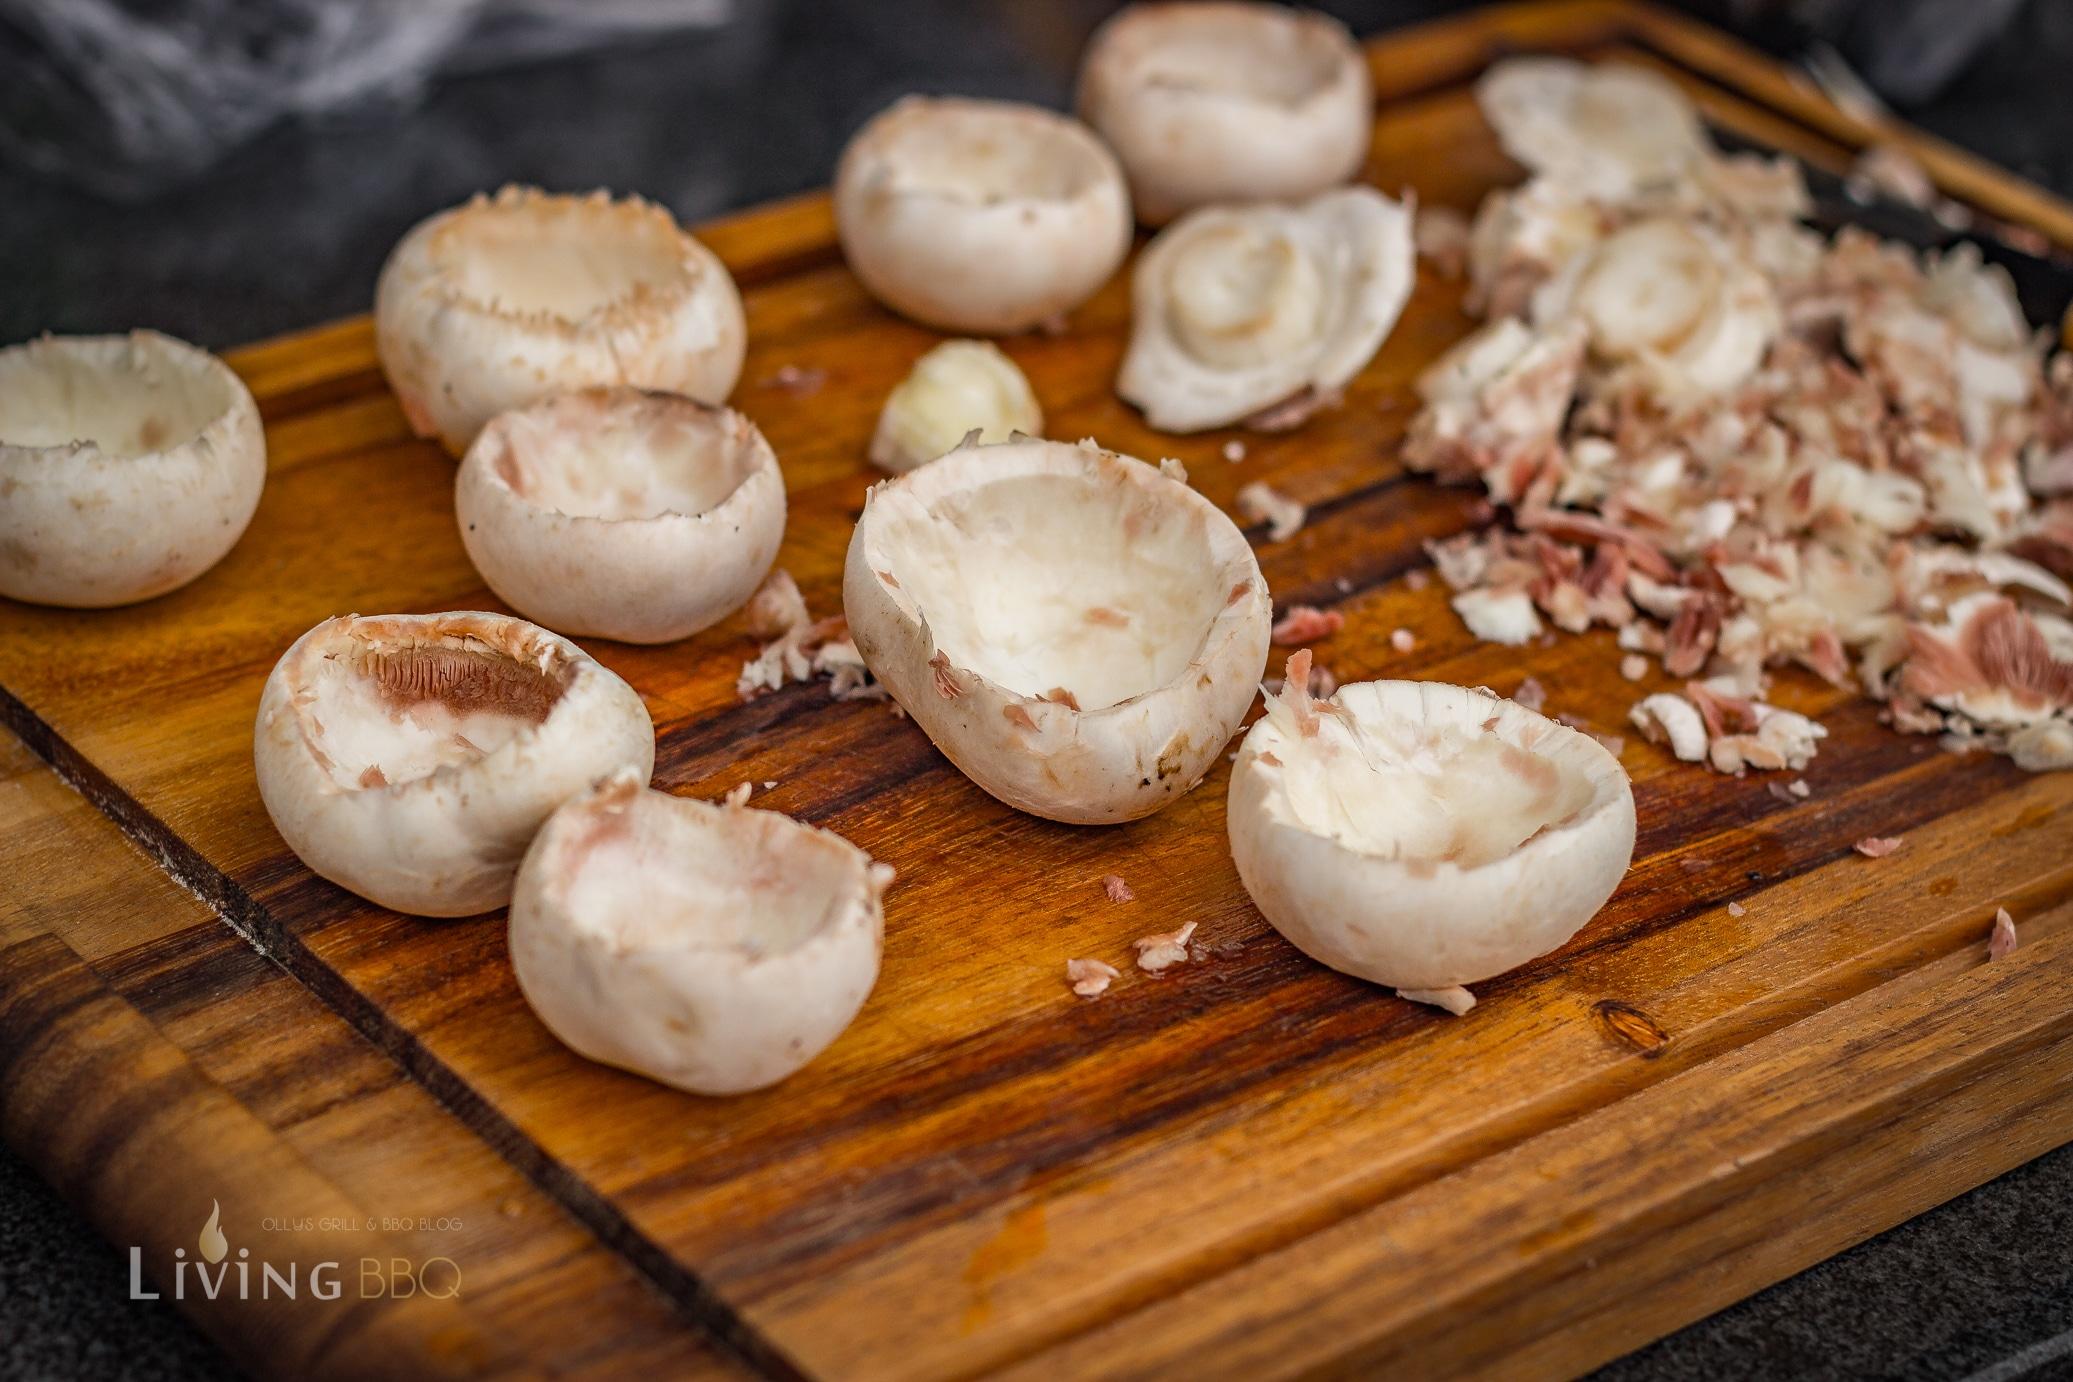 gefüllte Champignons vom Grill gefüllte champignons_Gefu  llte Champignons 2 von 9